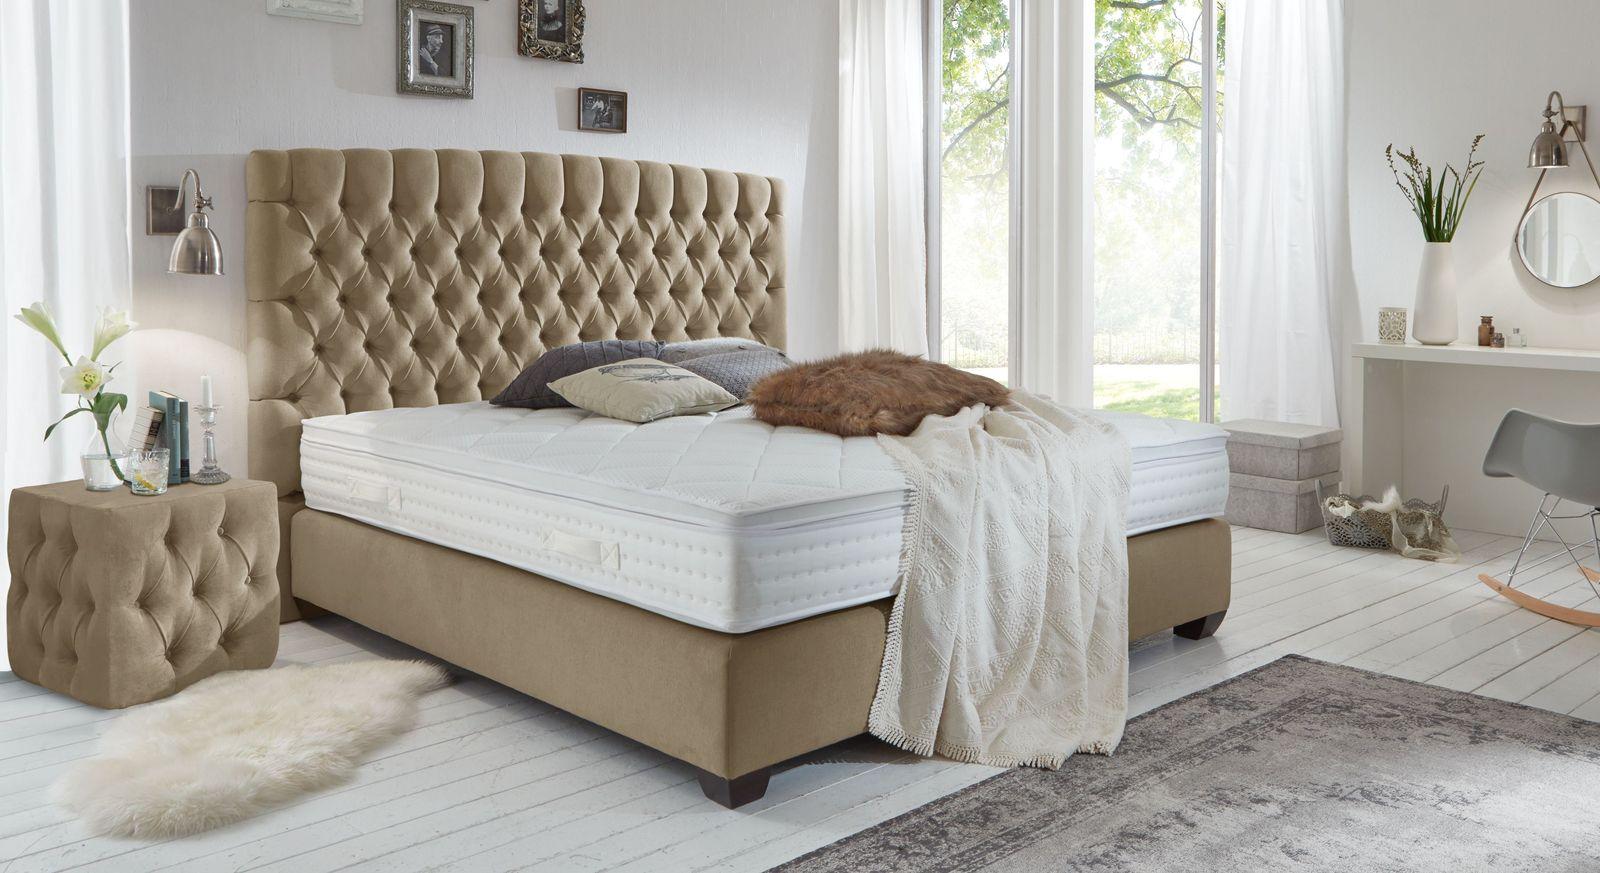 Full Size of Box Spring Betten Bett Wiki Ikea Boxspringbett 160x200 Xxl Lutz 180x200 Bei 200x200 120x200 Angebot Wikipedia 140x200 Royales Im Englischen Chesterfield Design Bett Box Spring Bett